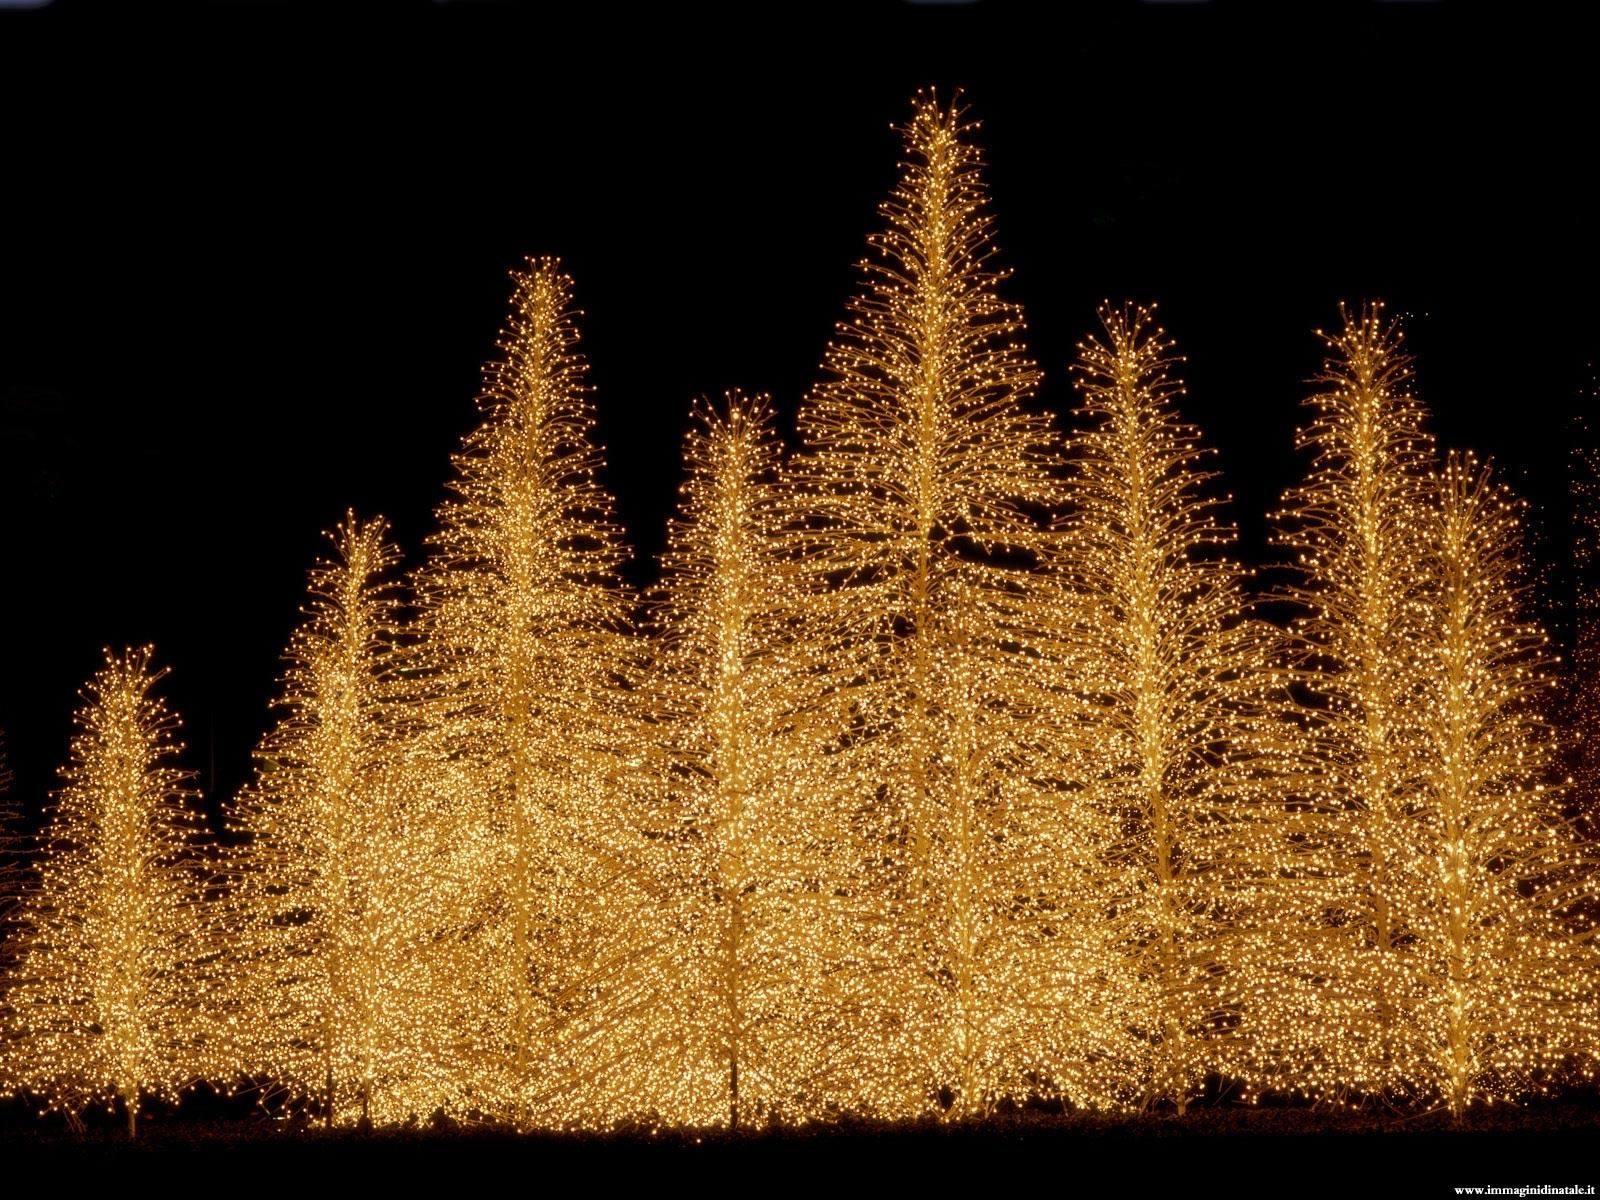 Immagini di Natale Foto natalizia Alberi di Natale